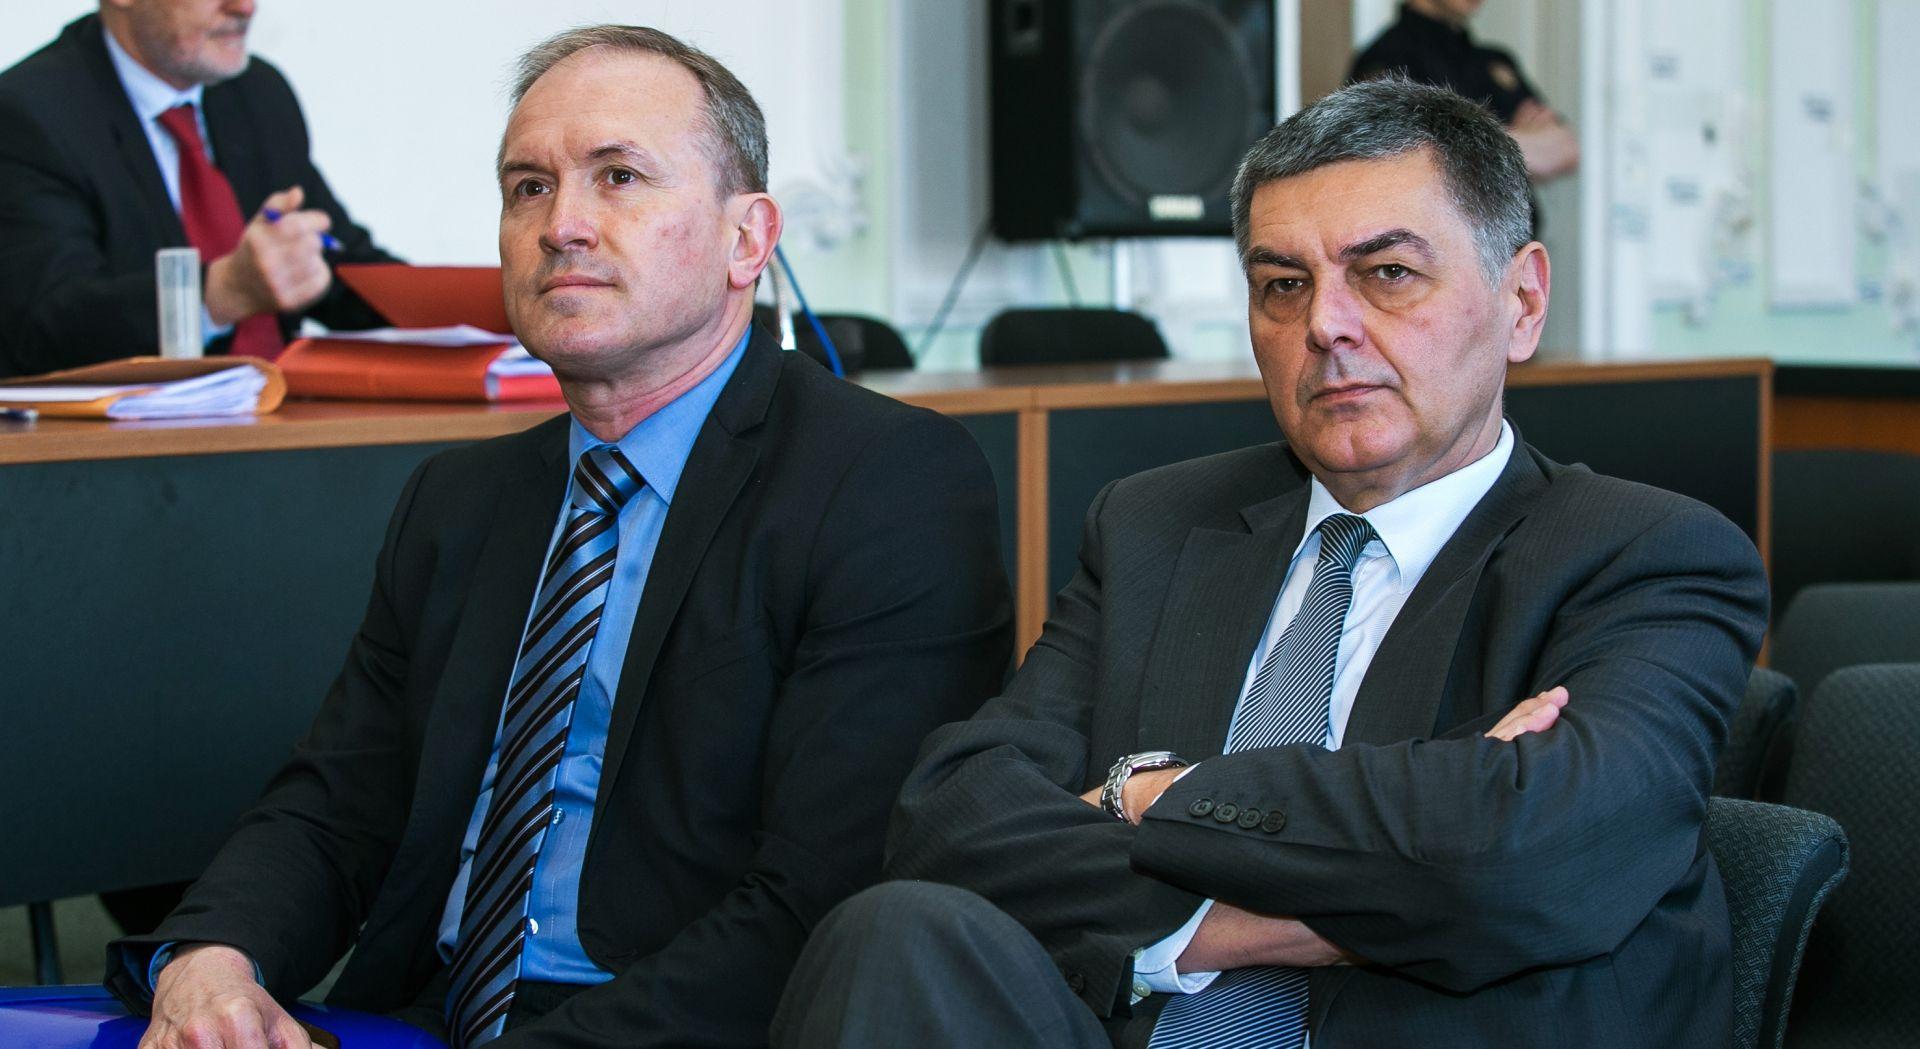 Počelo suđenje županu Šišljagiću i bivšem pročelniku Marolinu za zloporabe ovlasti